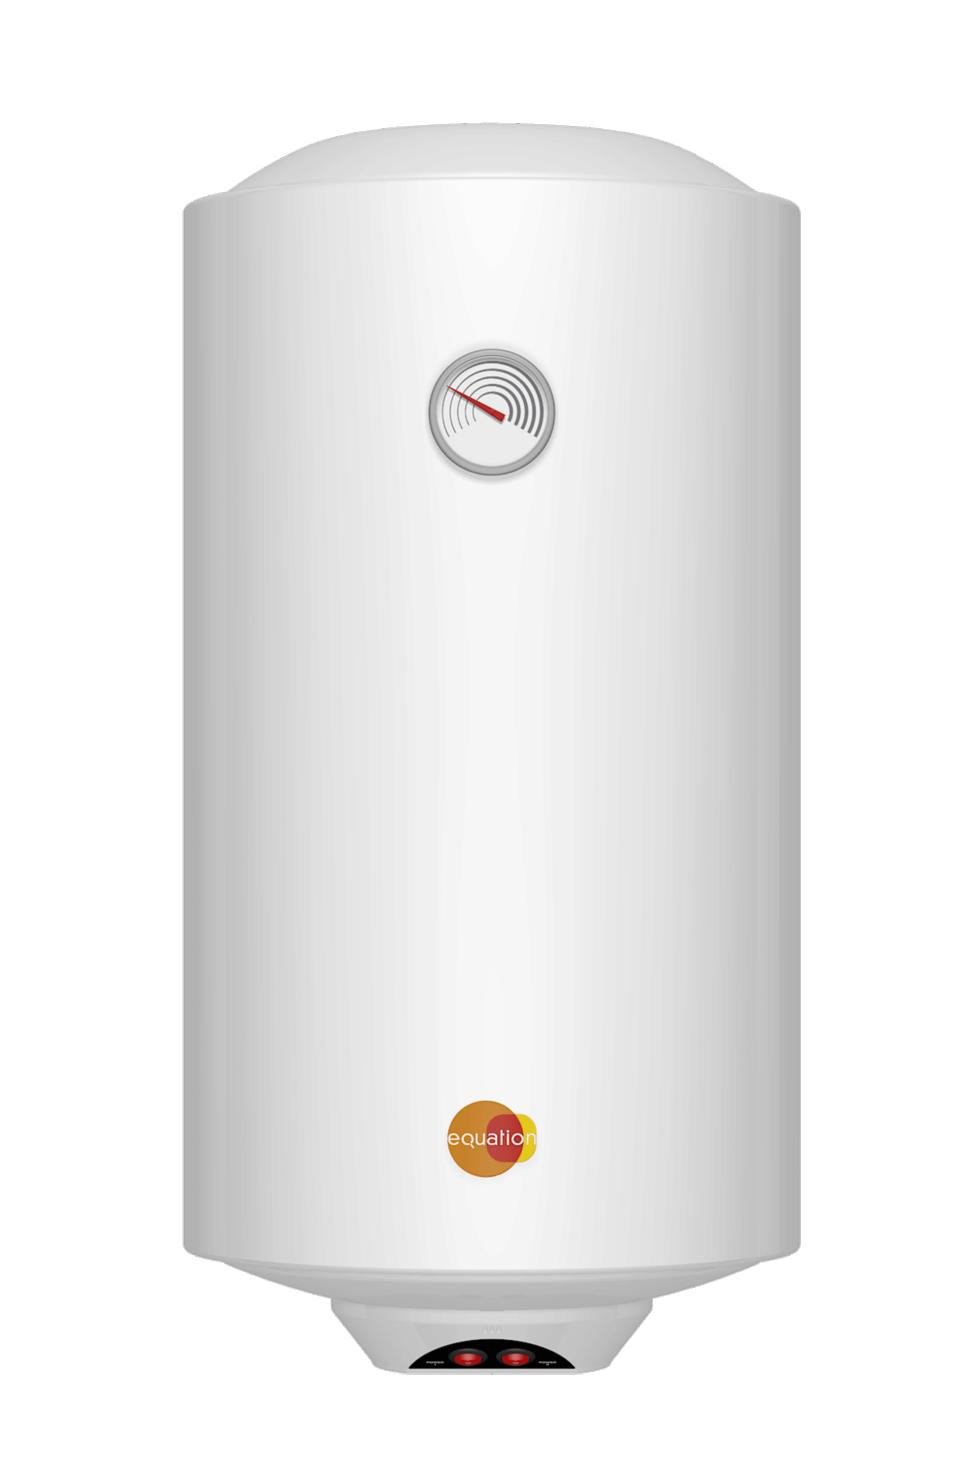 Электроводонагреватель накопительный Equation Inox вертикальный, 50 л, нержавеющая сталь